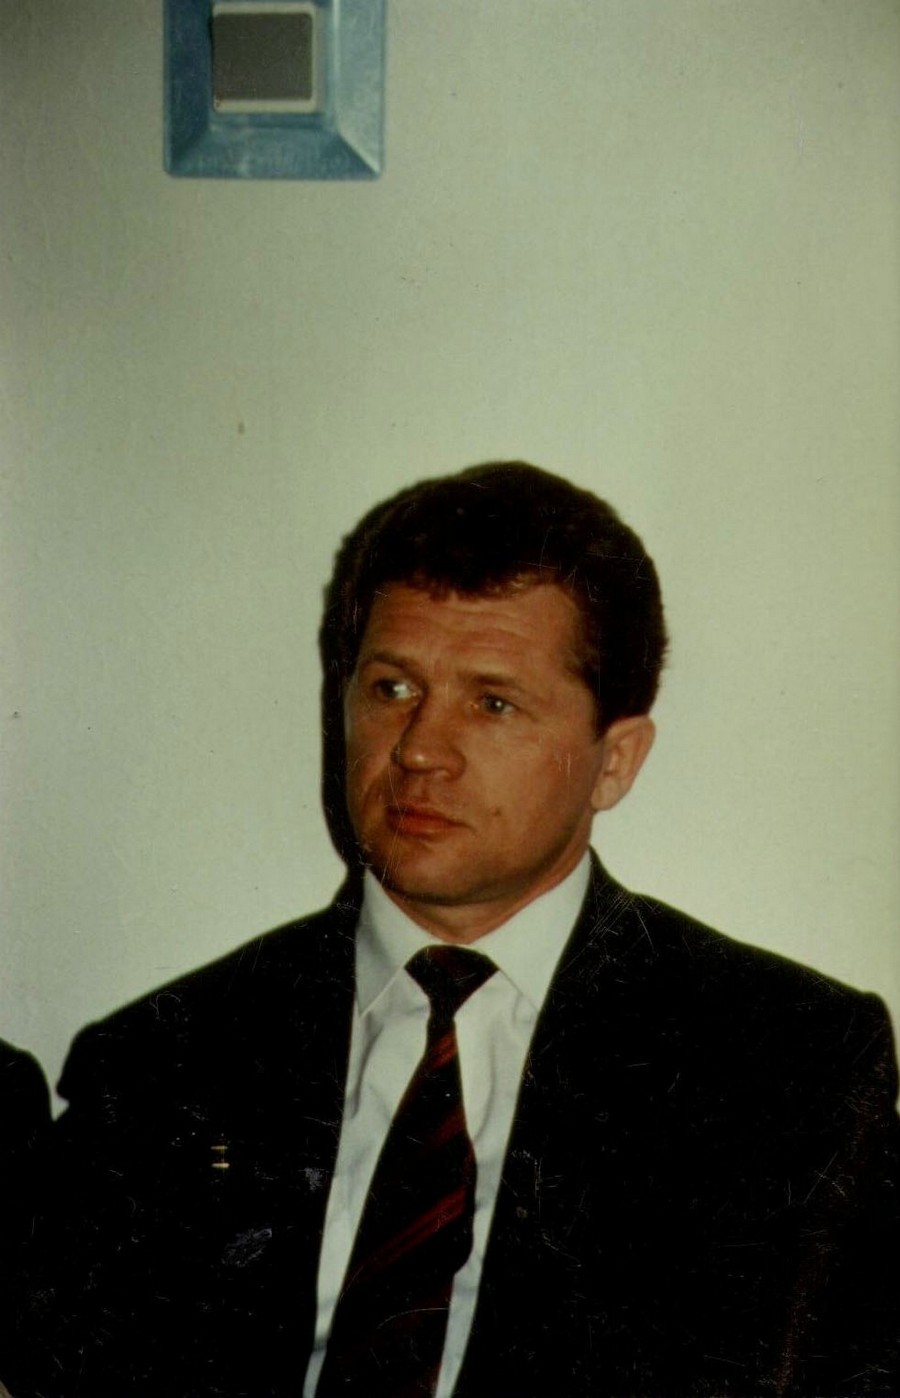 Вячеслав Полатовский  - основатель, лидер служения среди осужденных. Ныне уже у Господа.